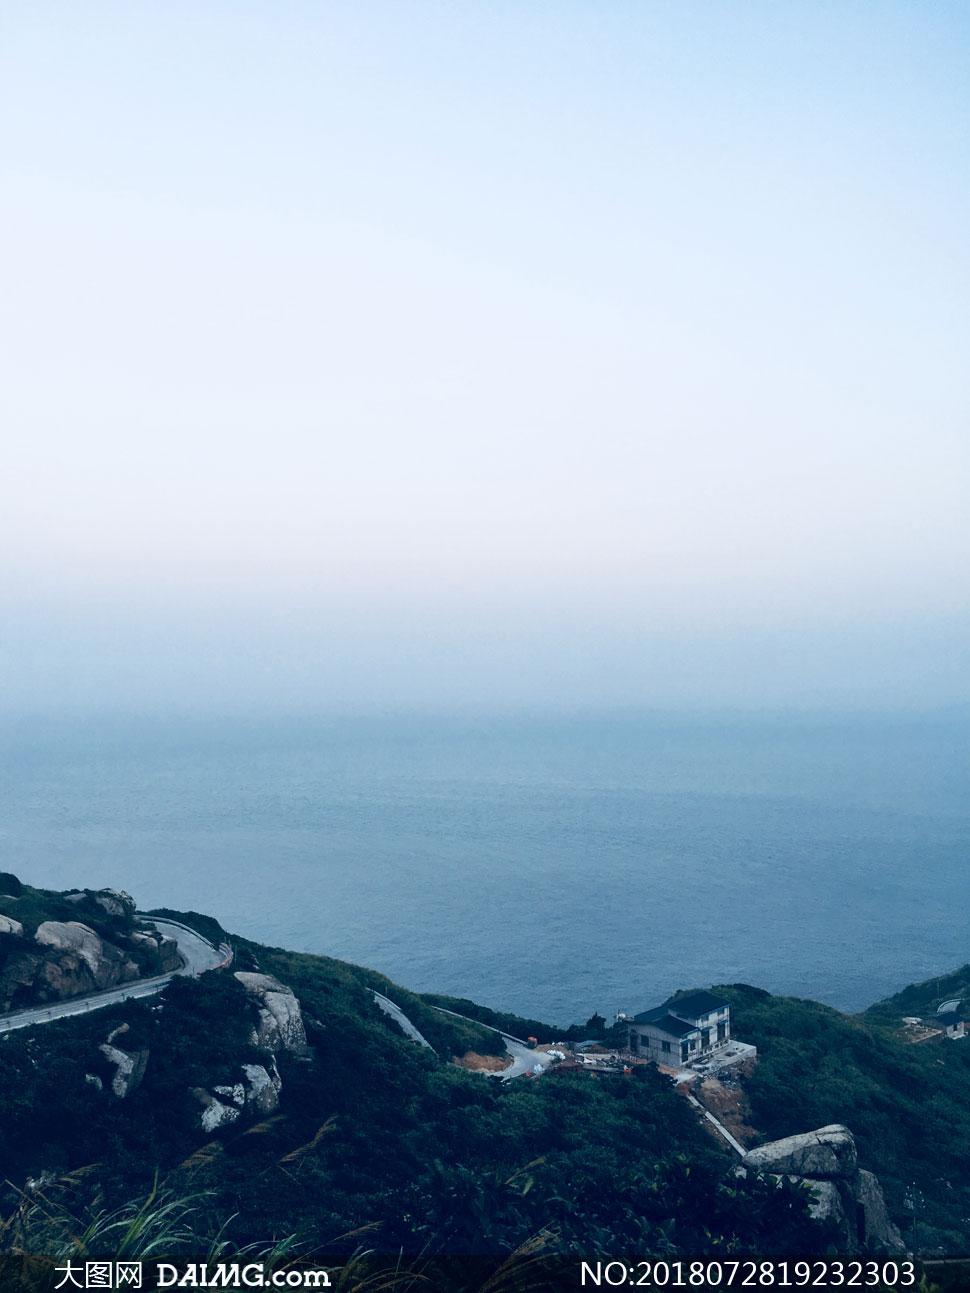 清晨大海与环岛路鸟瞰摄影高清图片